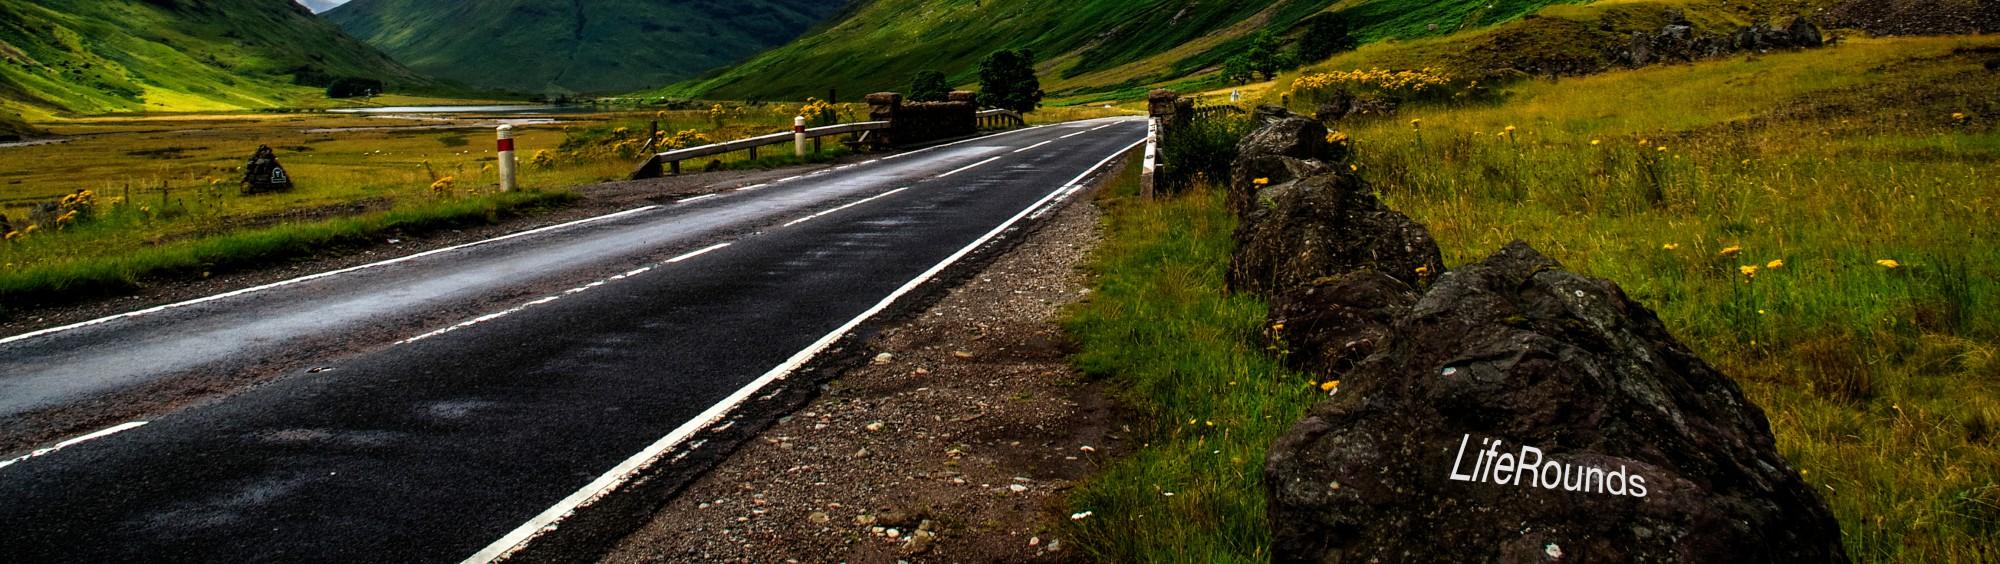 Hey, the residency road is hard.  Don't walk it alone.